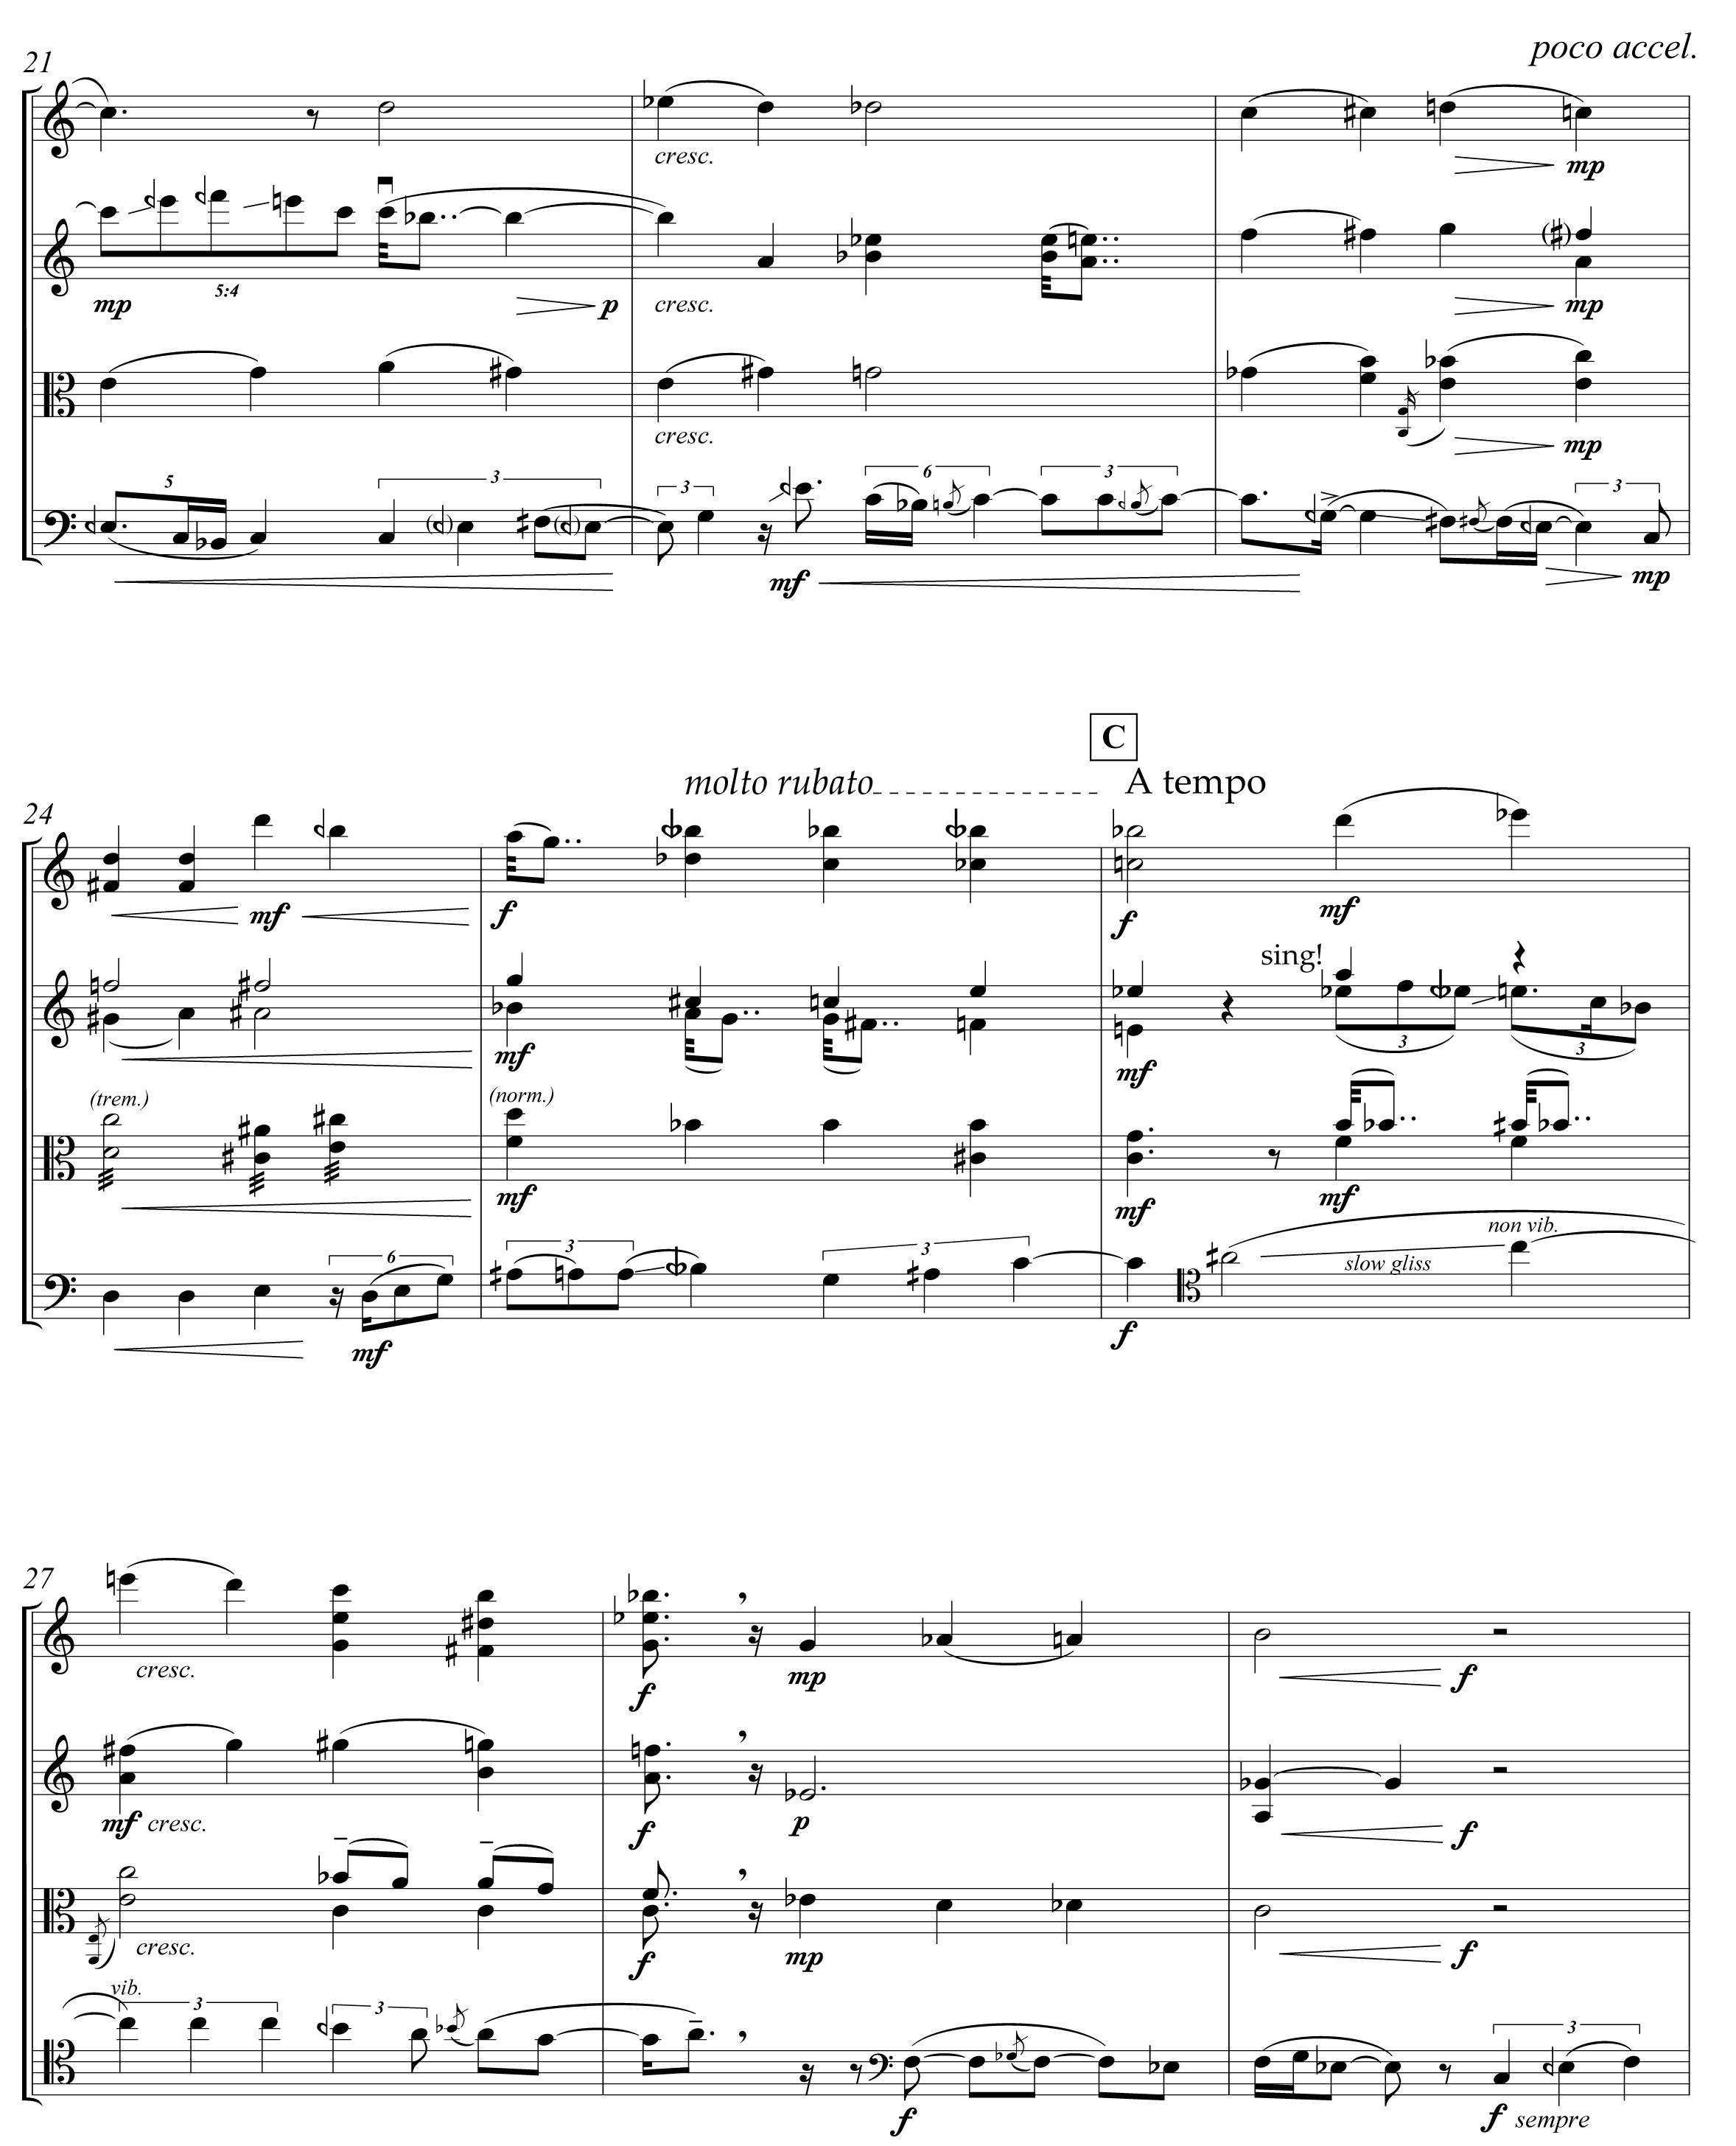 Bermel: String Quartet, page 5